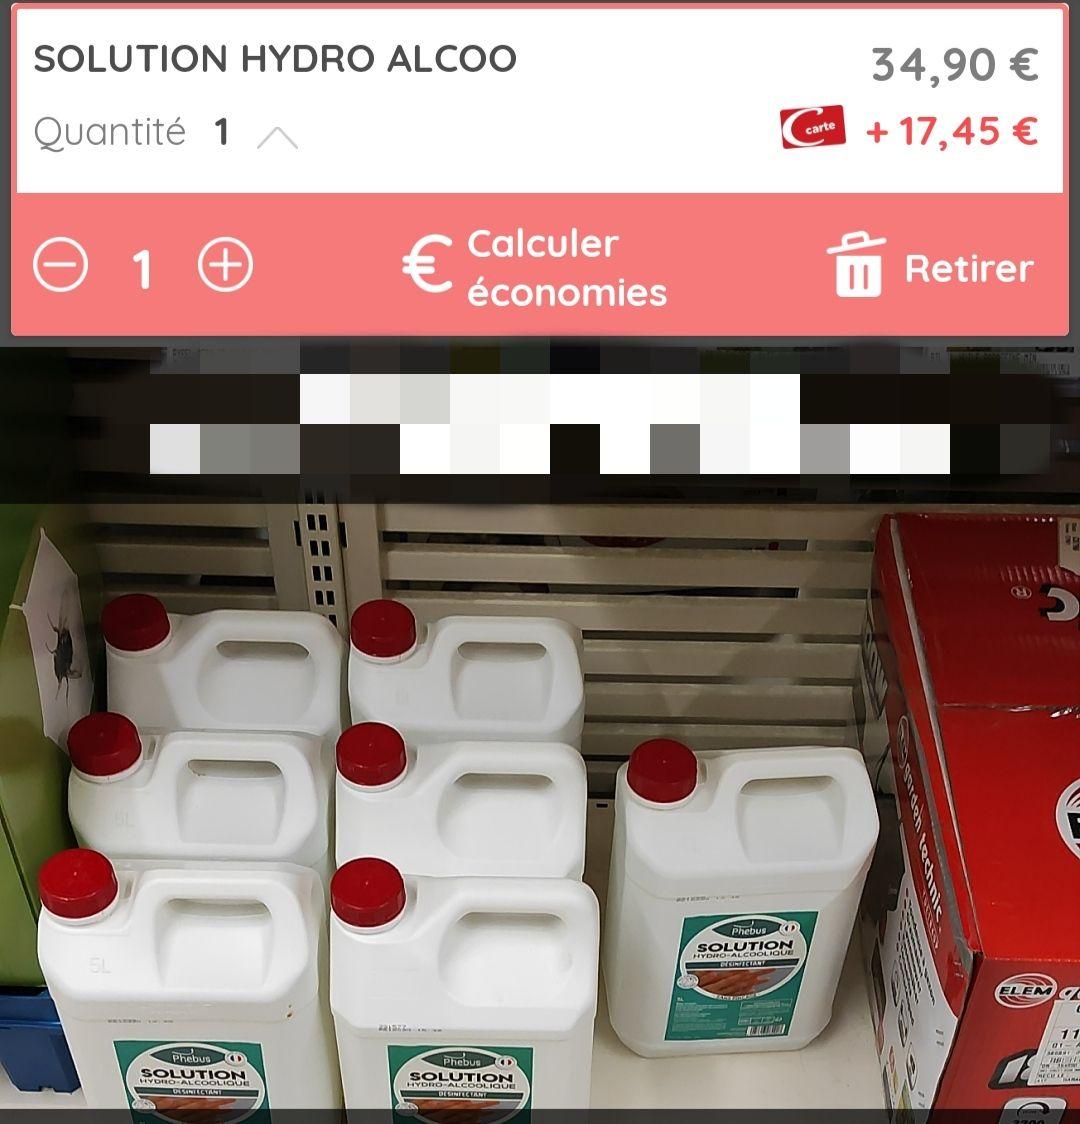 Solution Hydroalcoolique 5L (via 17€45 sur la carte fidélité) - Arcachon (33)